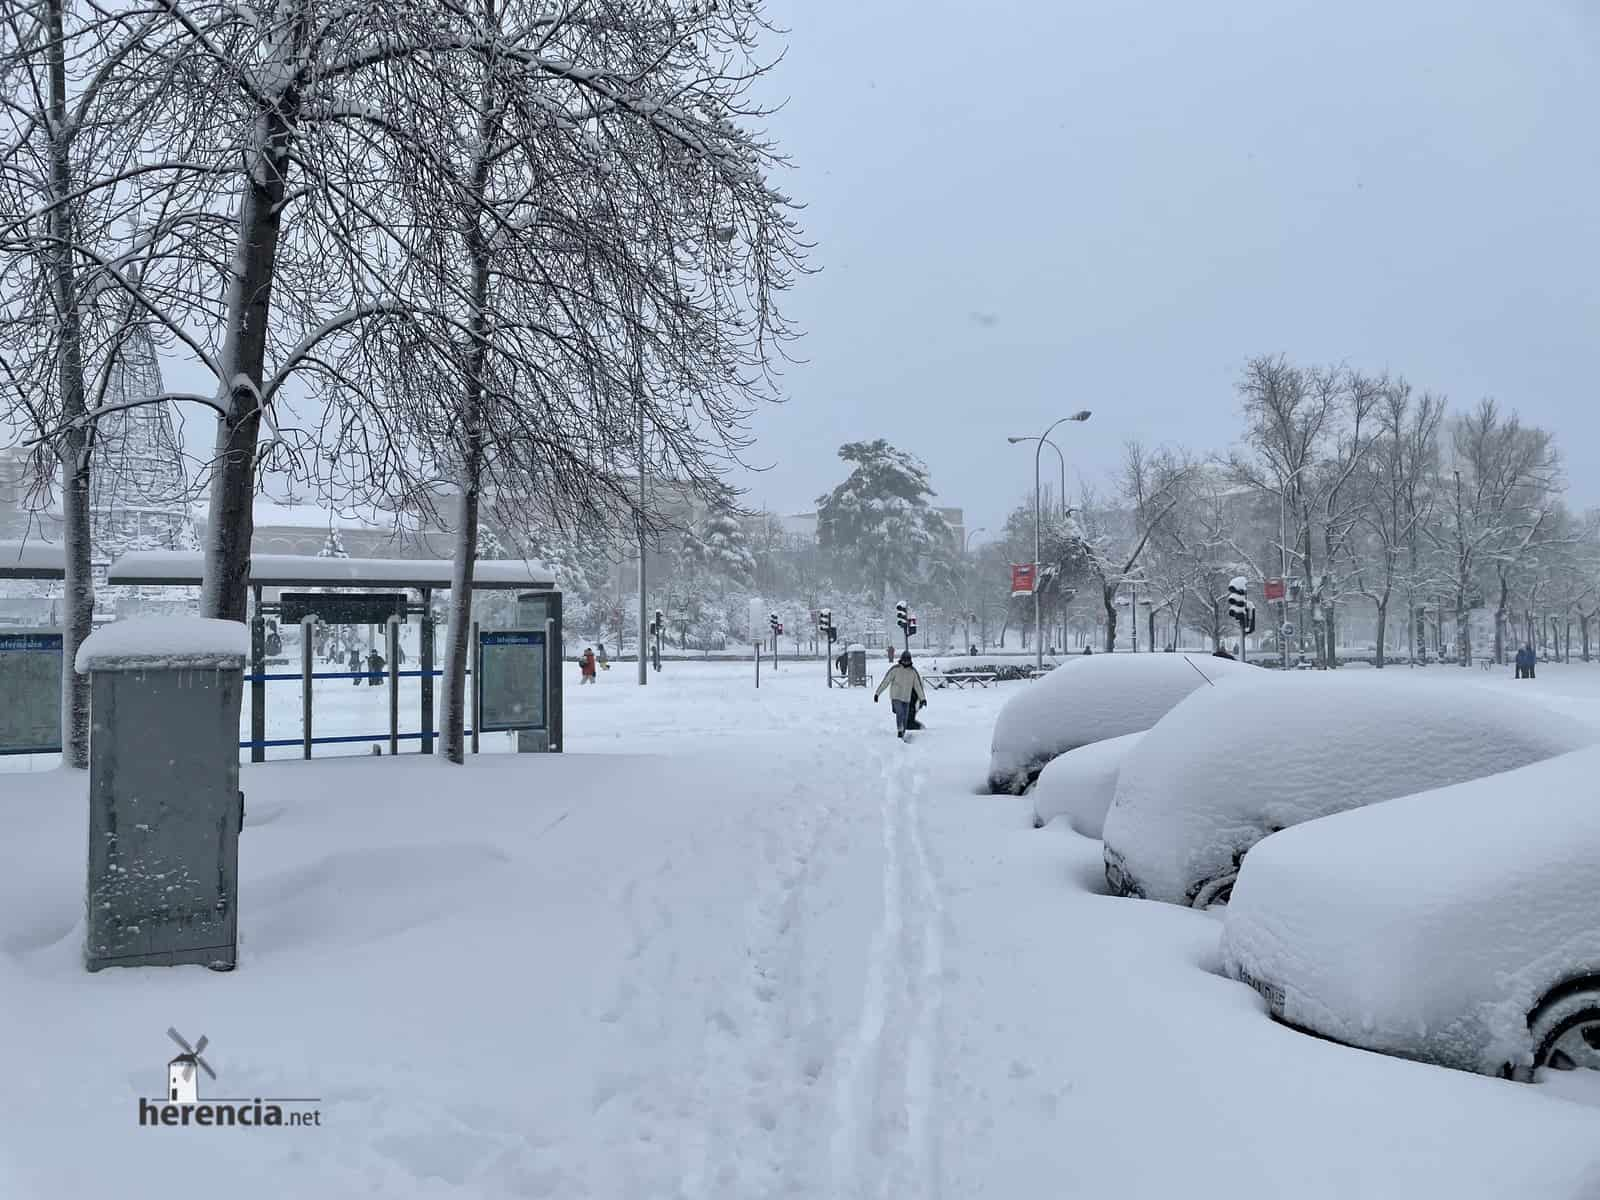 Fotografías de la nevada de enero en Madrid (España) 143